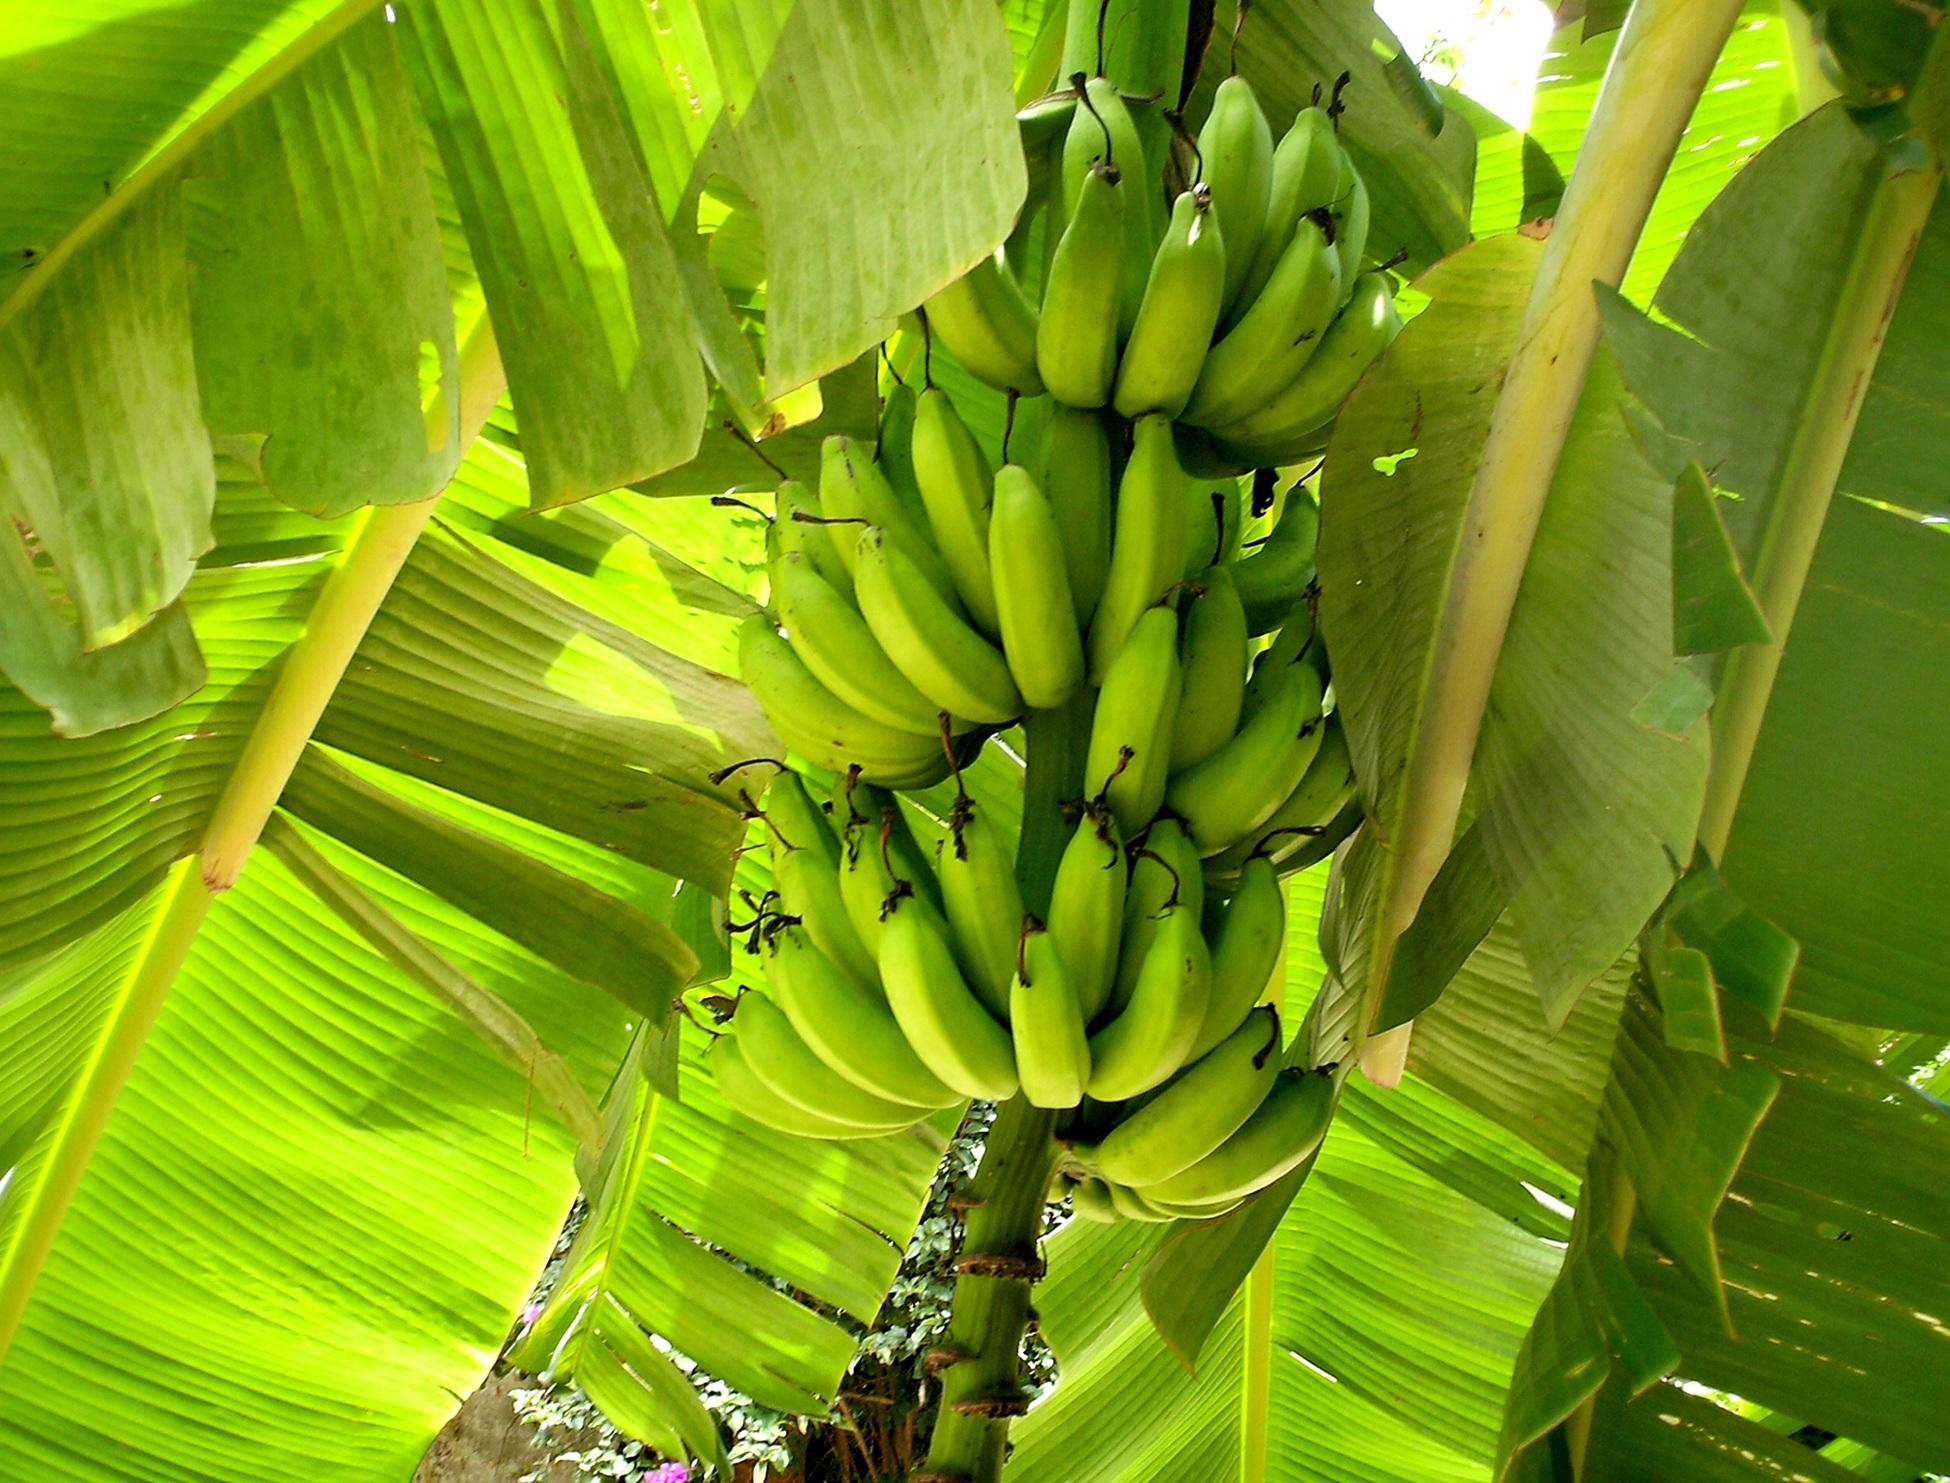 это бананы в природе фото территории своей собственной